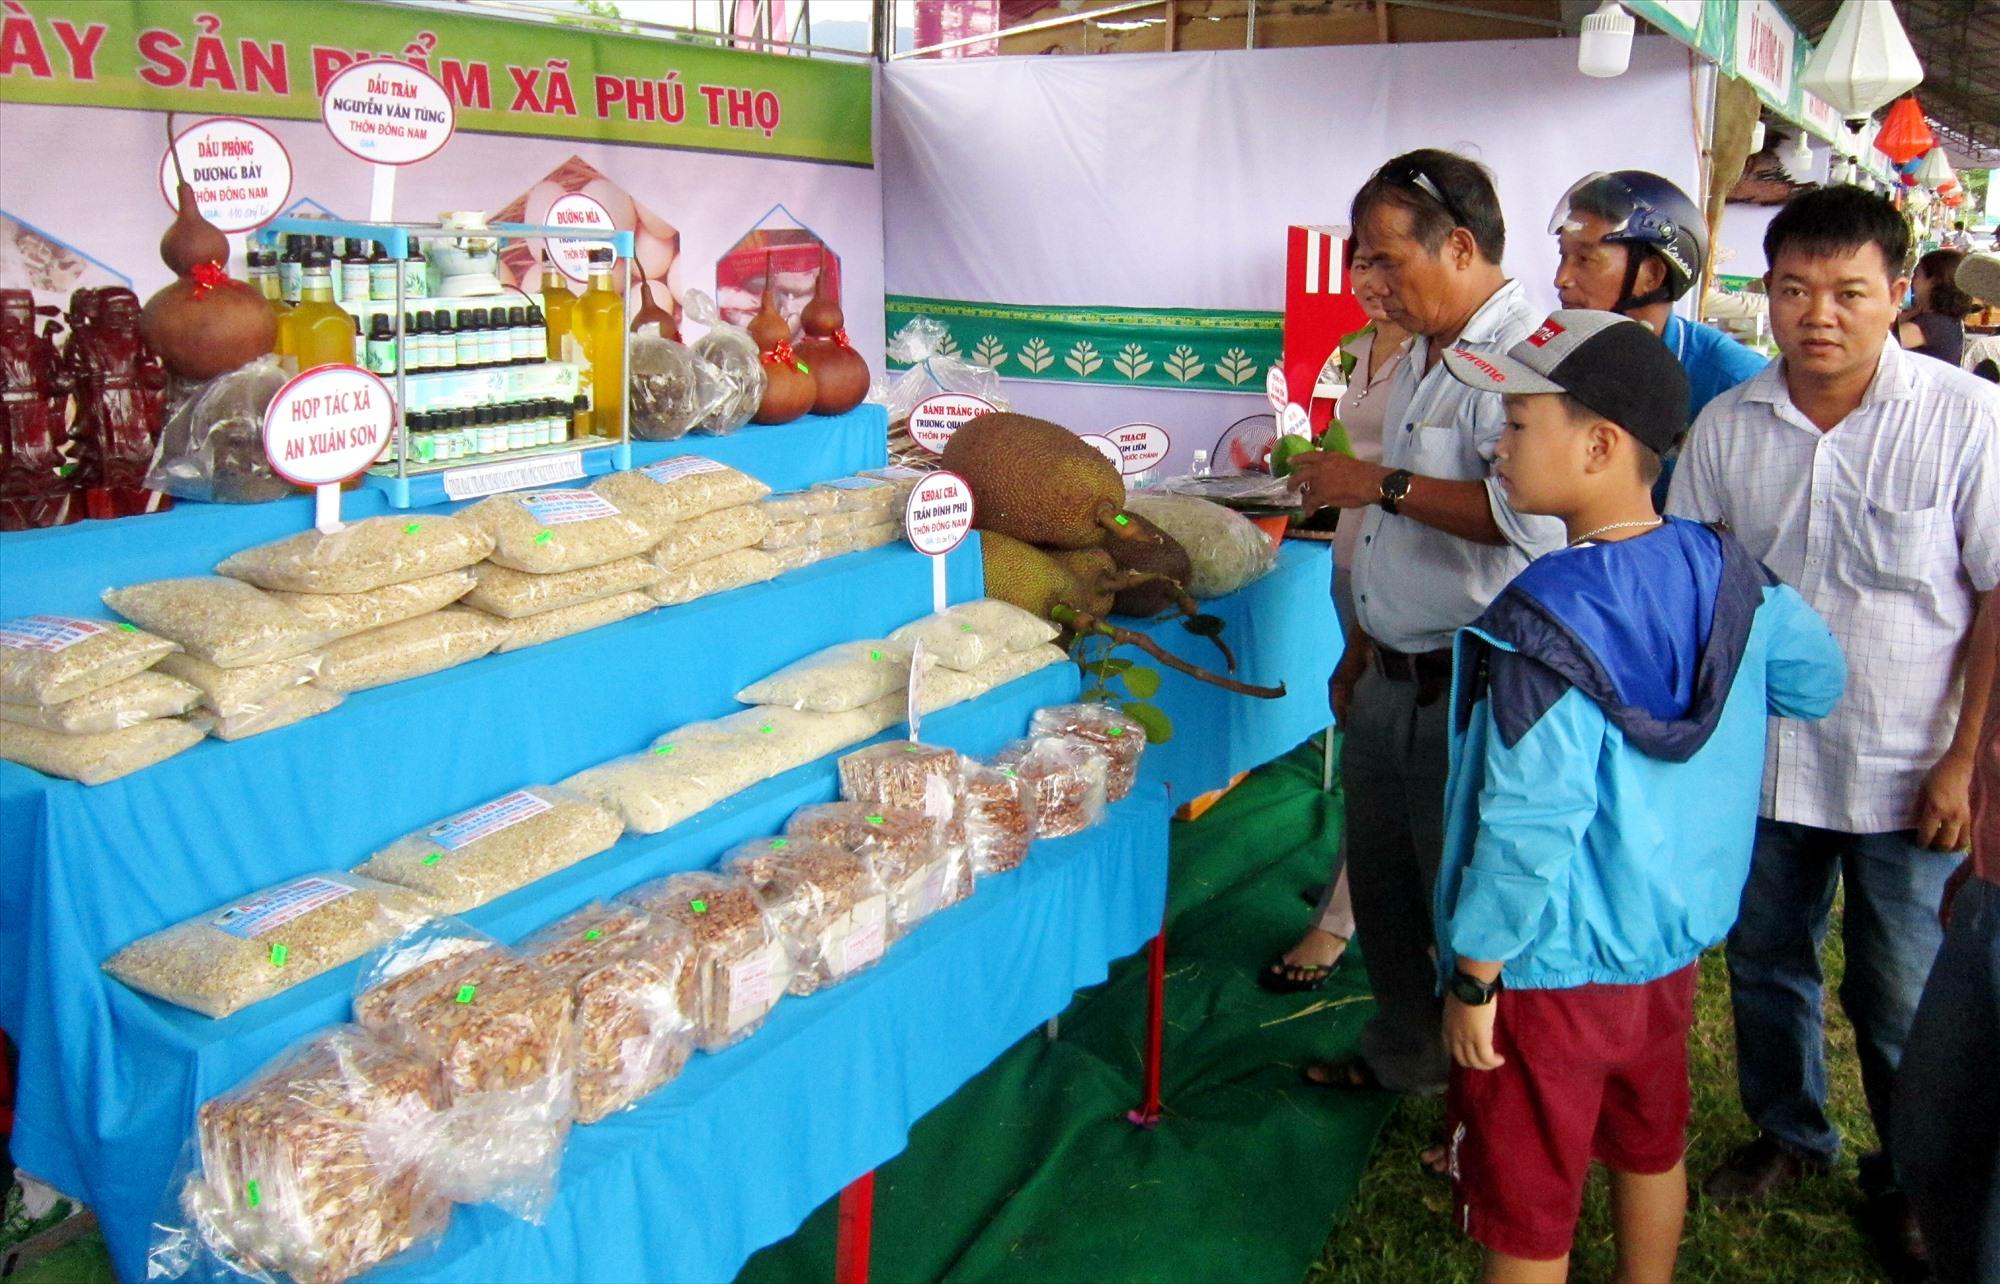 Huyện Quế Sơn luôn tạo điều kiện thuận lợi cho các chủ thể tham gia Chương trình OCOP quảng bá, giới thiệu sản phẩm tại các hội chợ. Ảnh: T.P